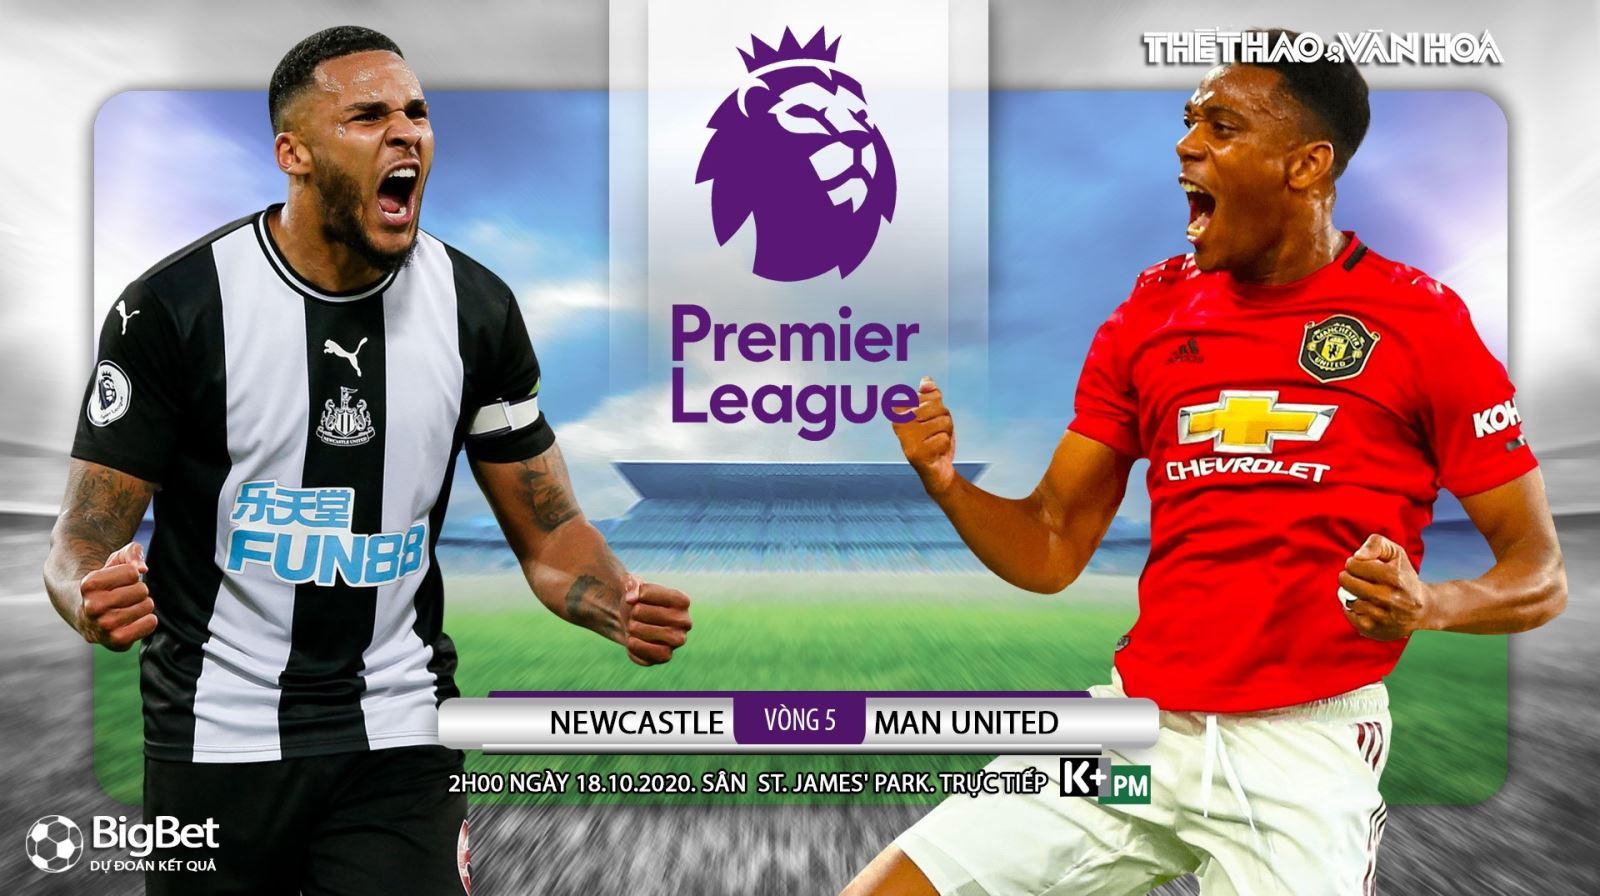 Soi kèo nhà cái Newcastle vs MU. Ngoại hạng Anh vòng 5. Trực tiếp K+ PM